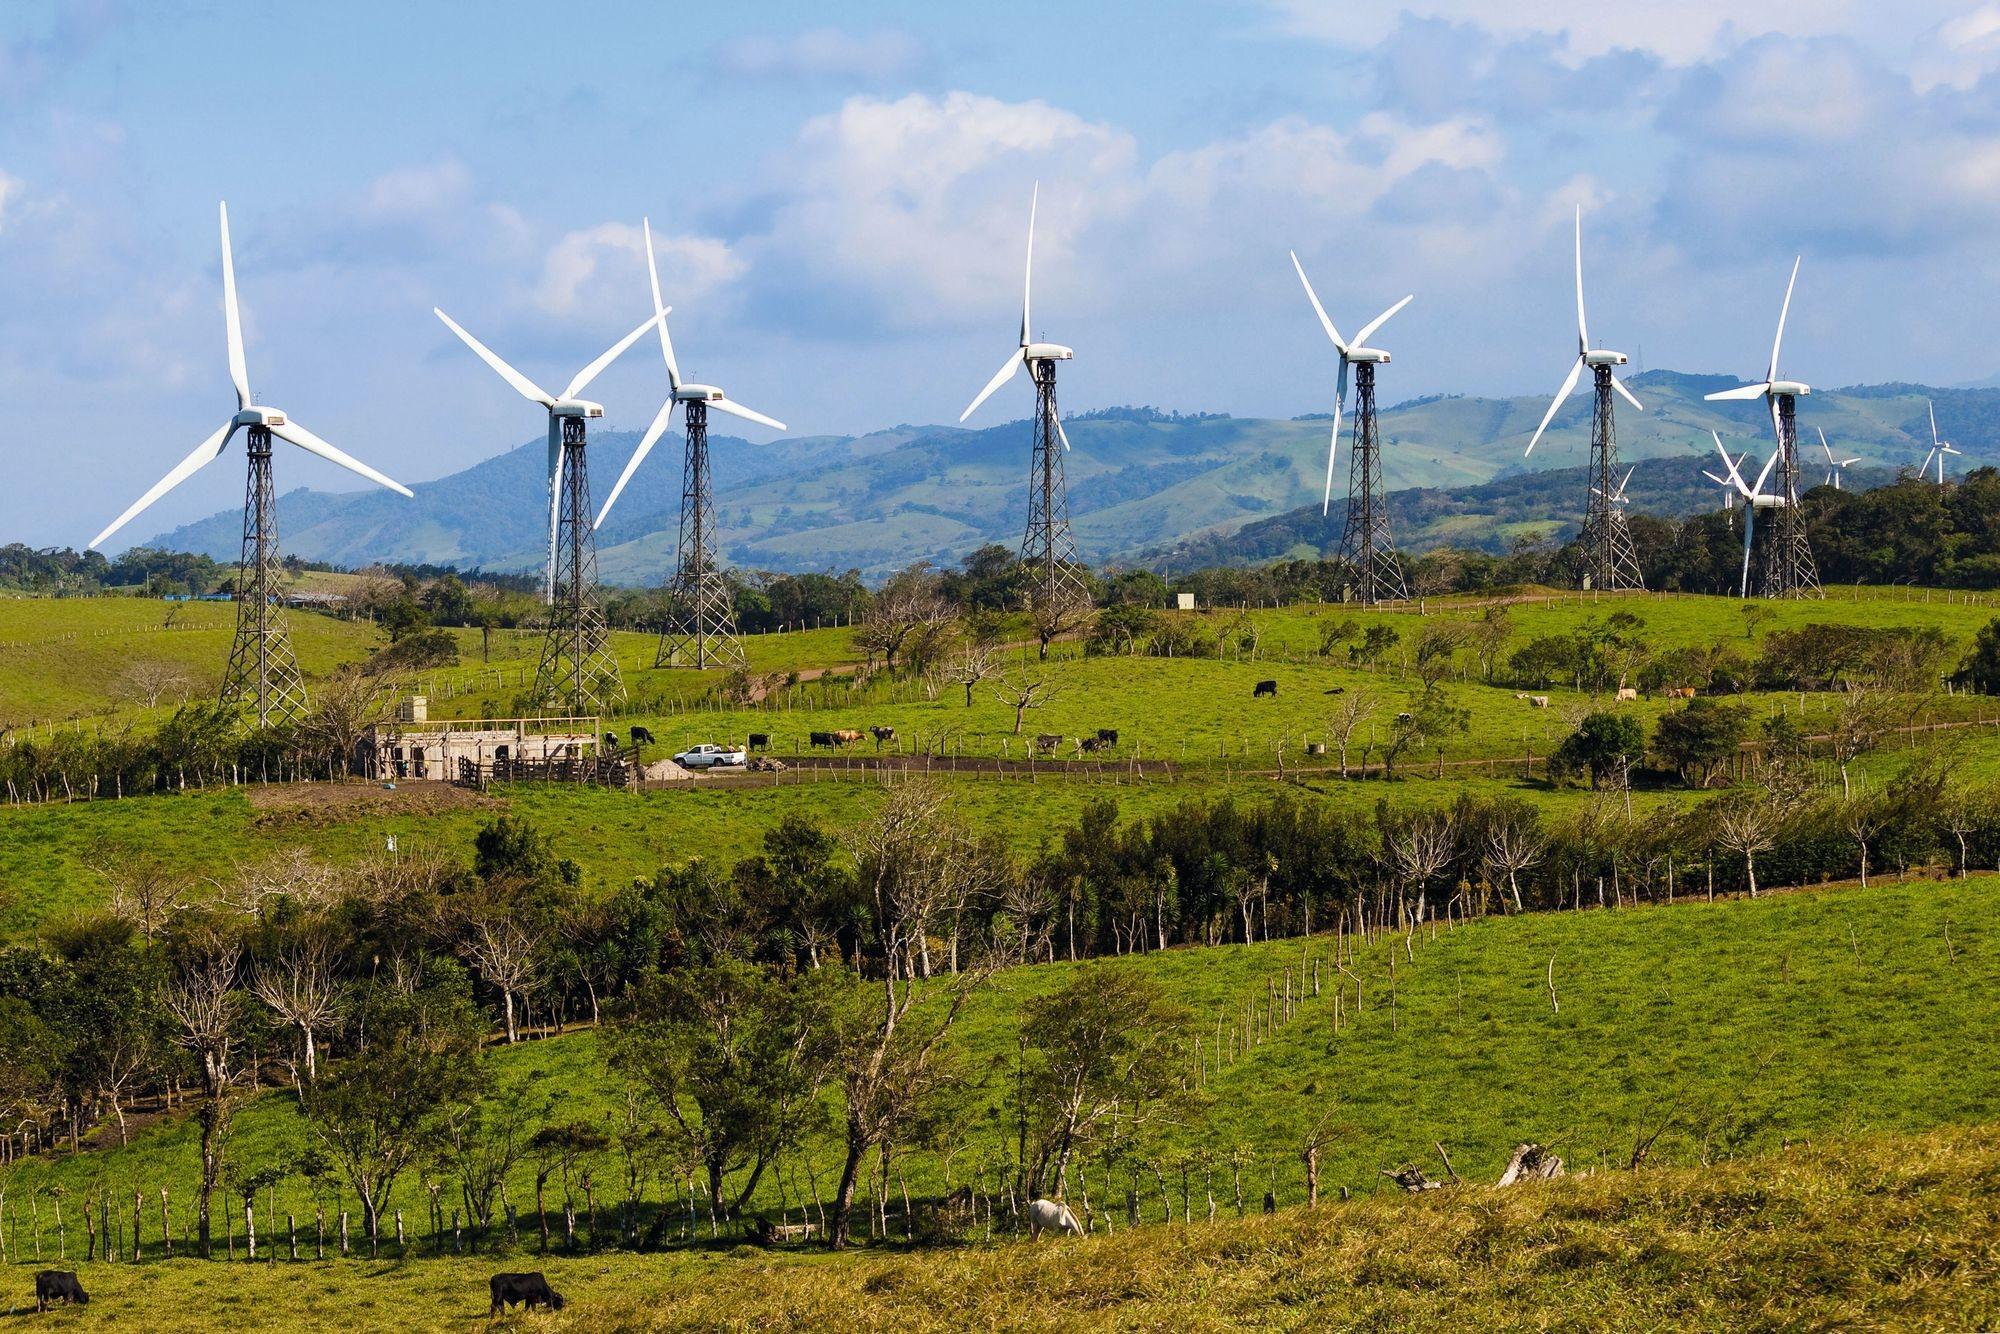 Parc éolien dans la province de Guanacaste (Costa Rica)